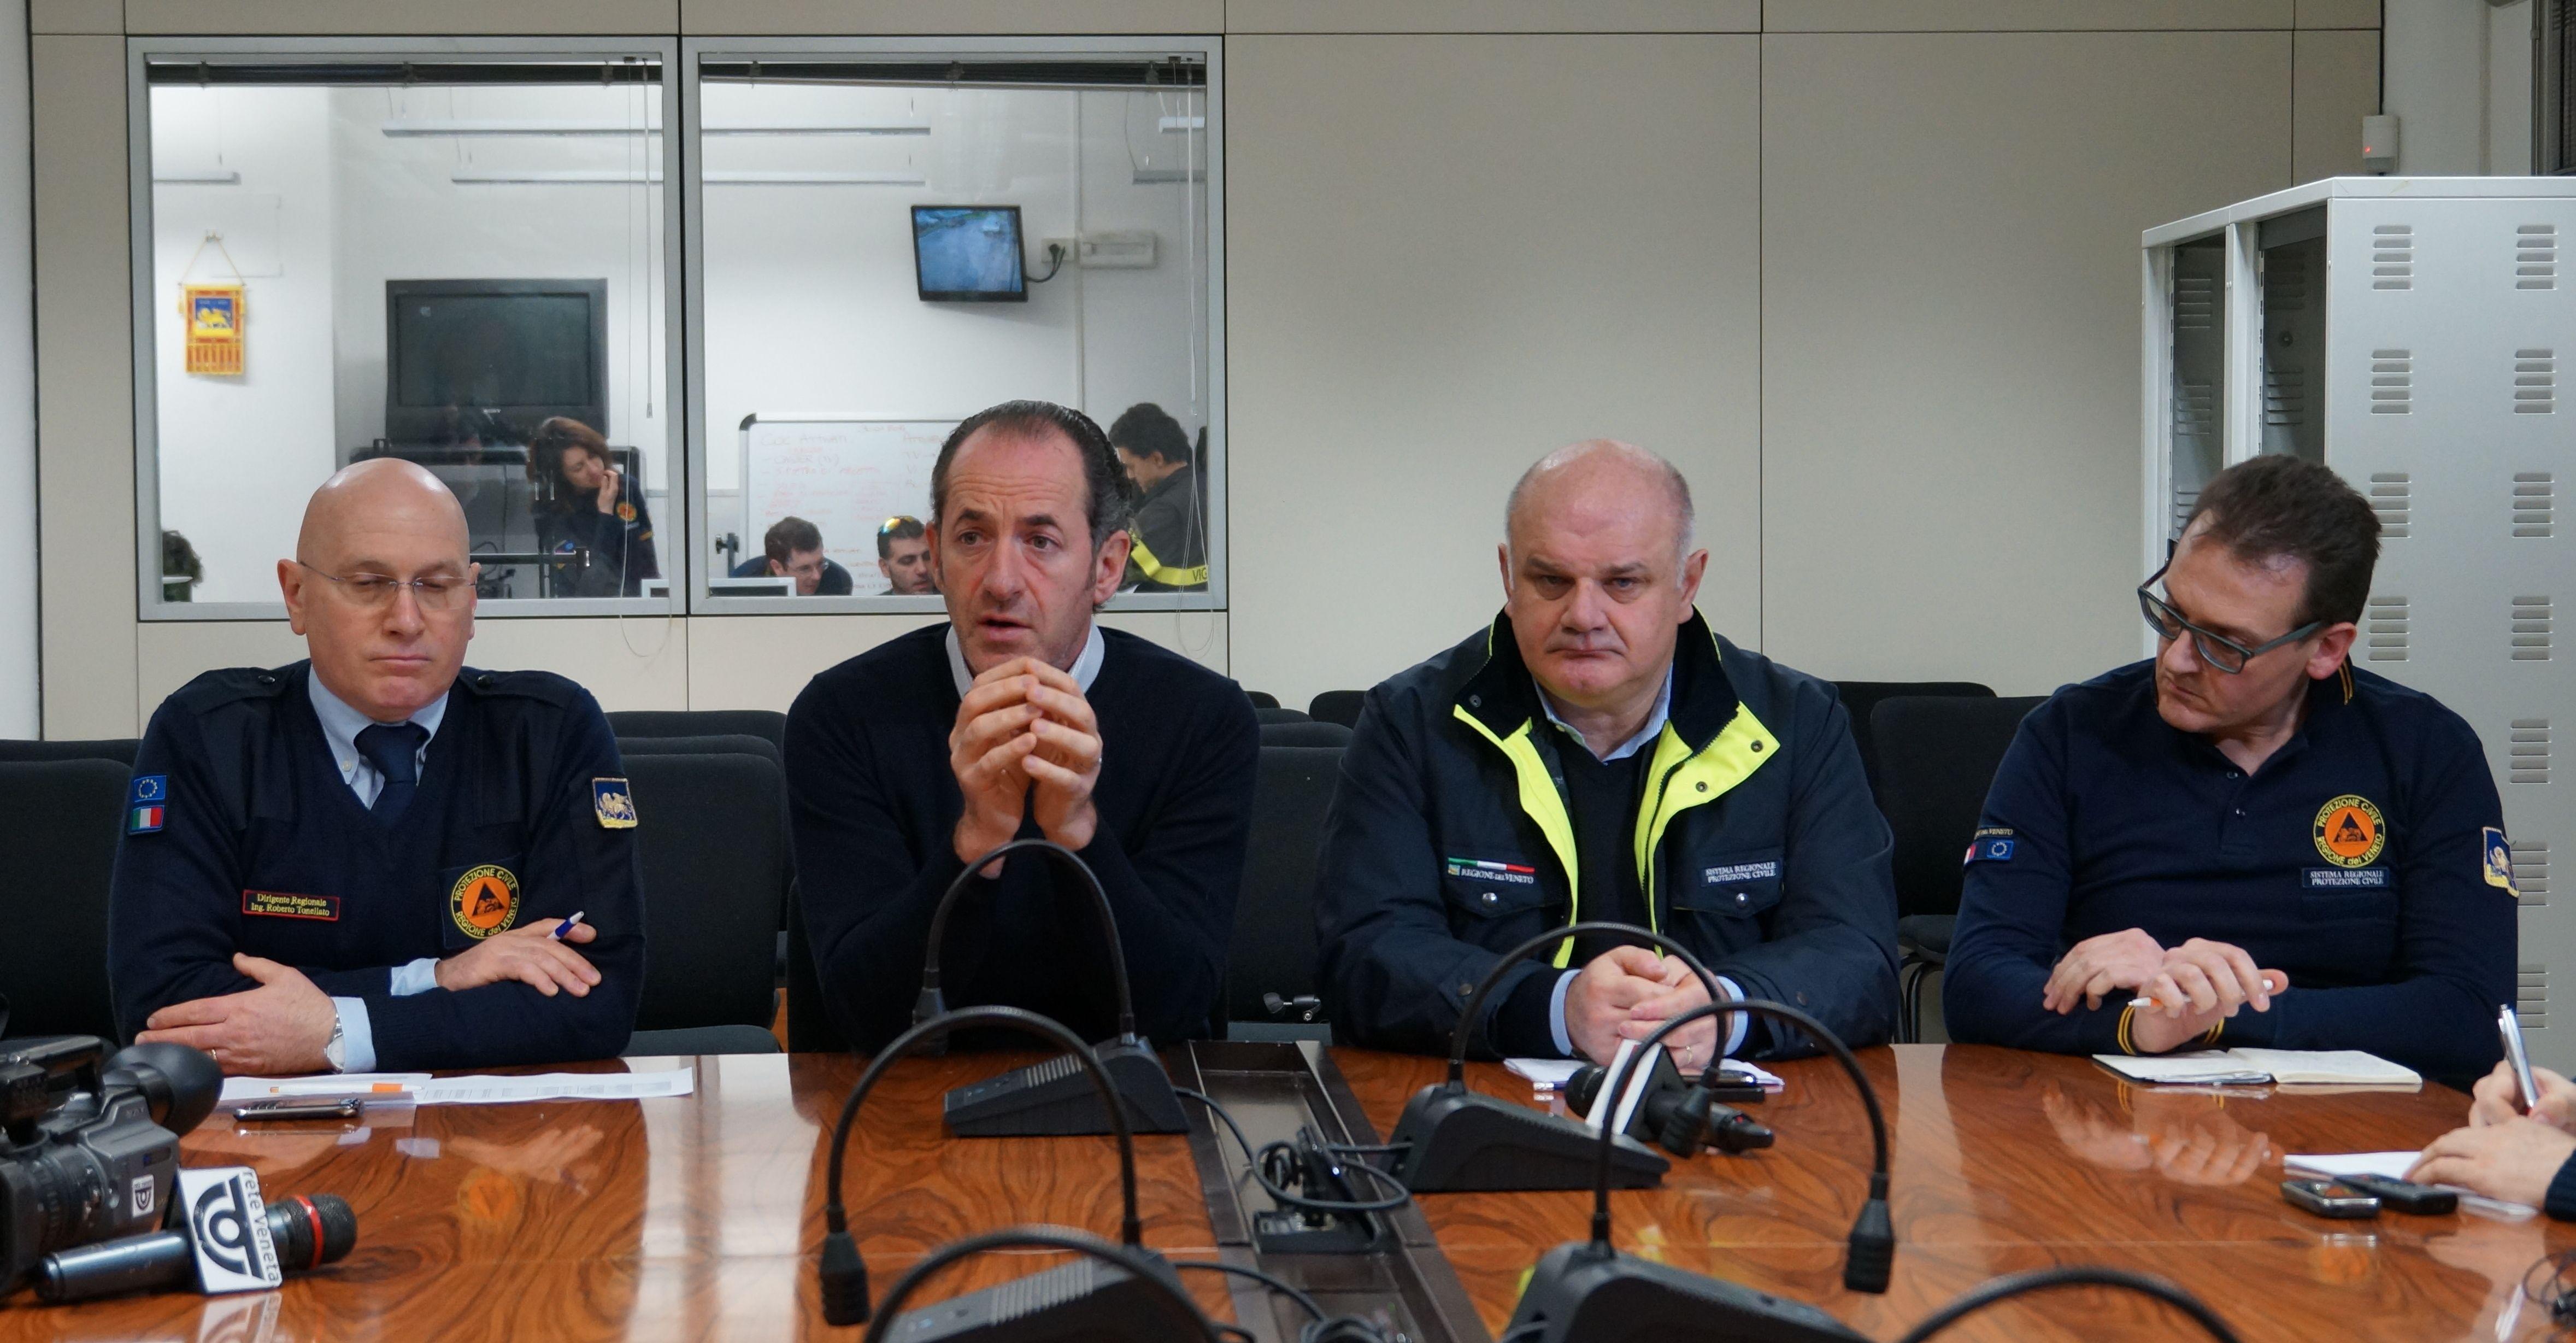 Briefing sull'emergenza maltempo nella sede della Protezione Civile